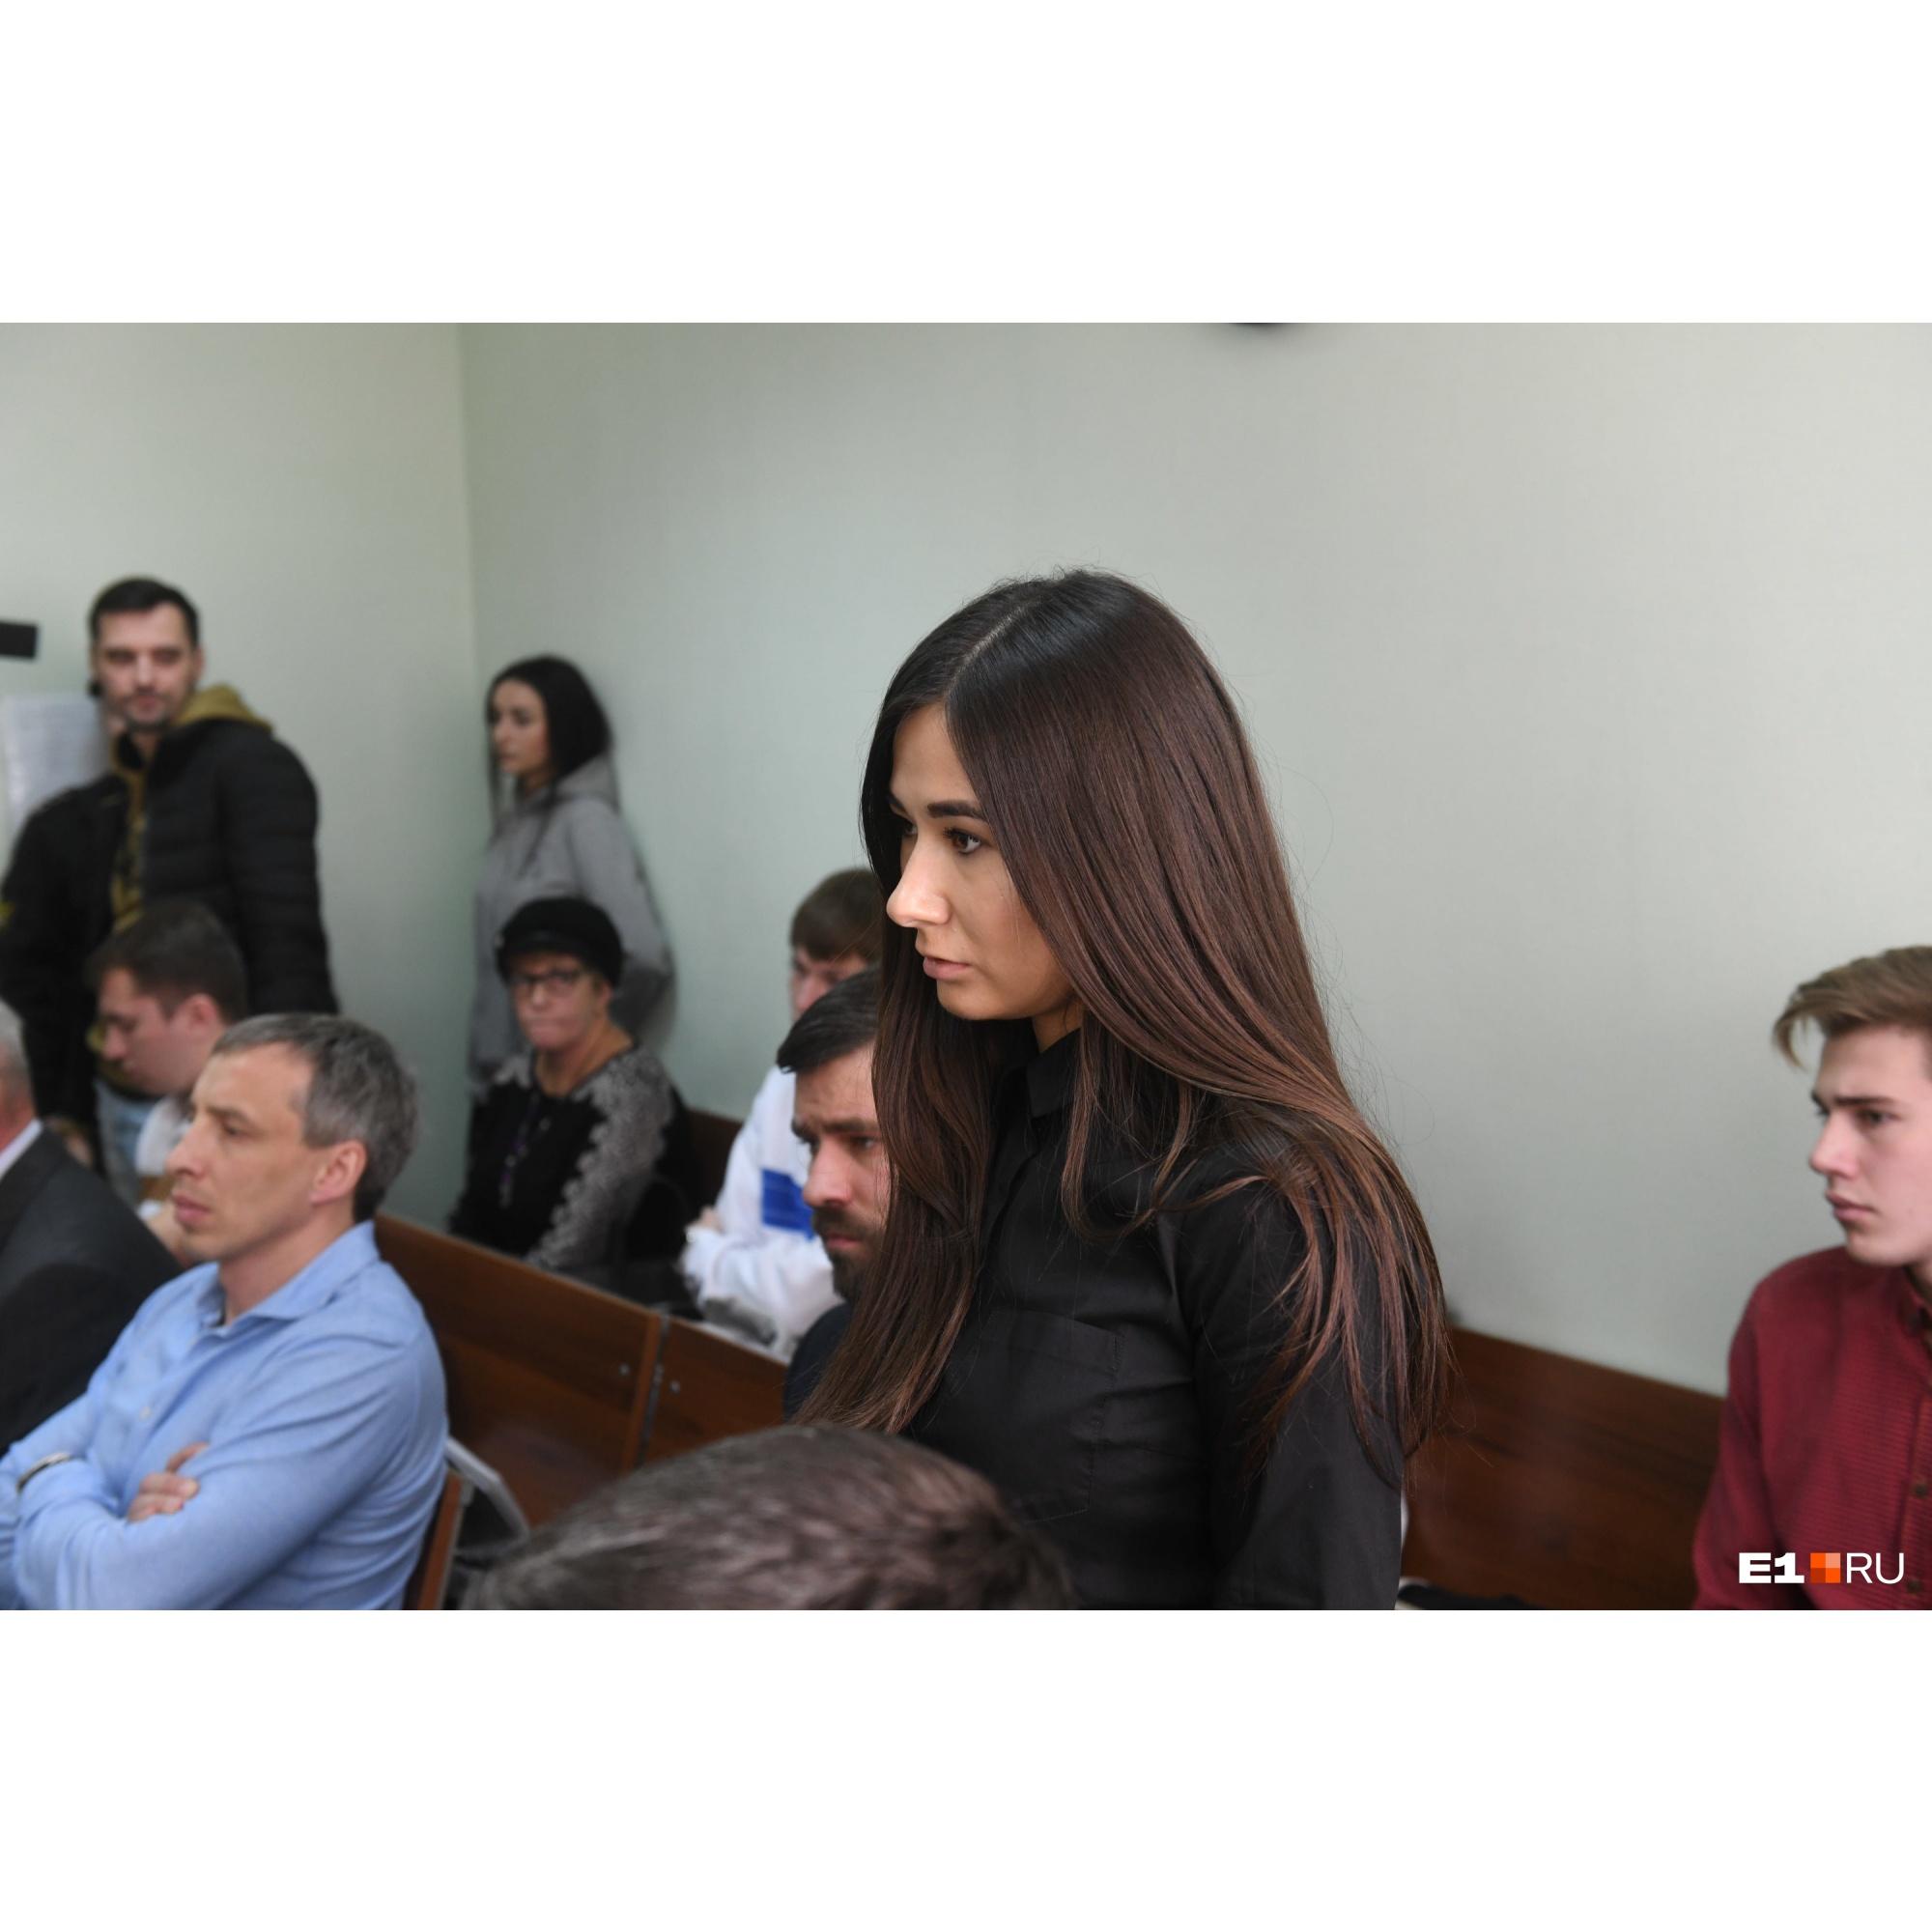 Ирина Алферова и другие потерпевшие уверены, что Васильев выдумал версию с потерей сознания, чтобы уйти от строгого наказания за пьяное ДТП